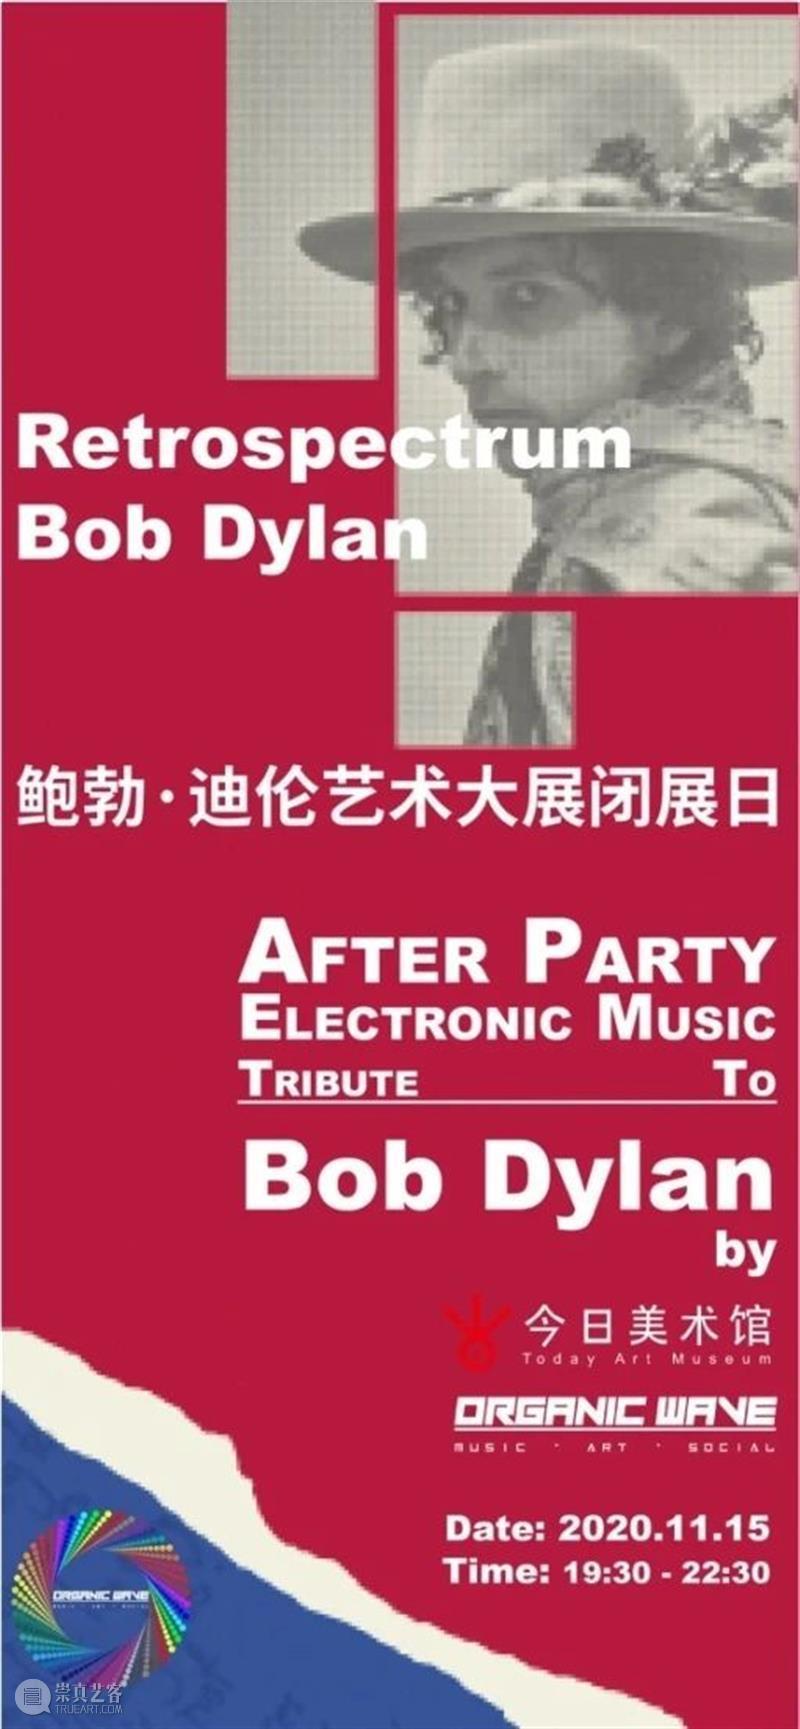 11月15日邀你来「今日」,一起用电音PARTY与迪伦说再见  今日美术馆 电音 PARTY 迪伦 Music Dylan 活动 主题 Party 时间 地点 崇真艺客